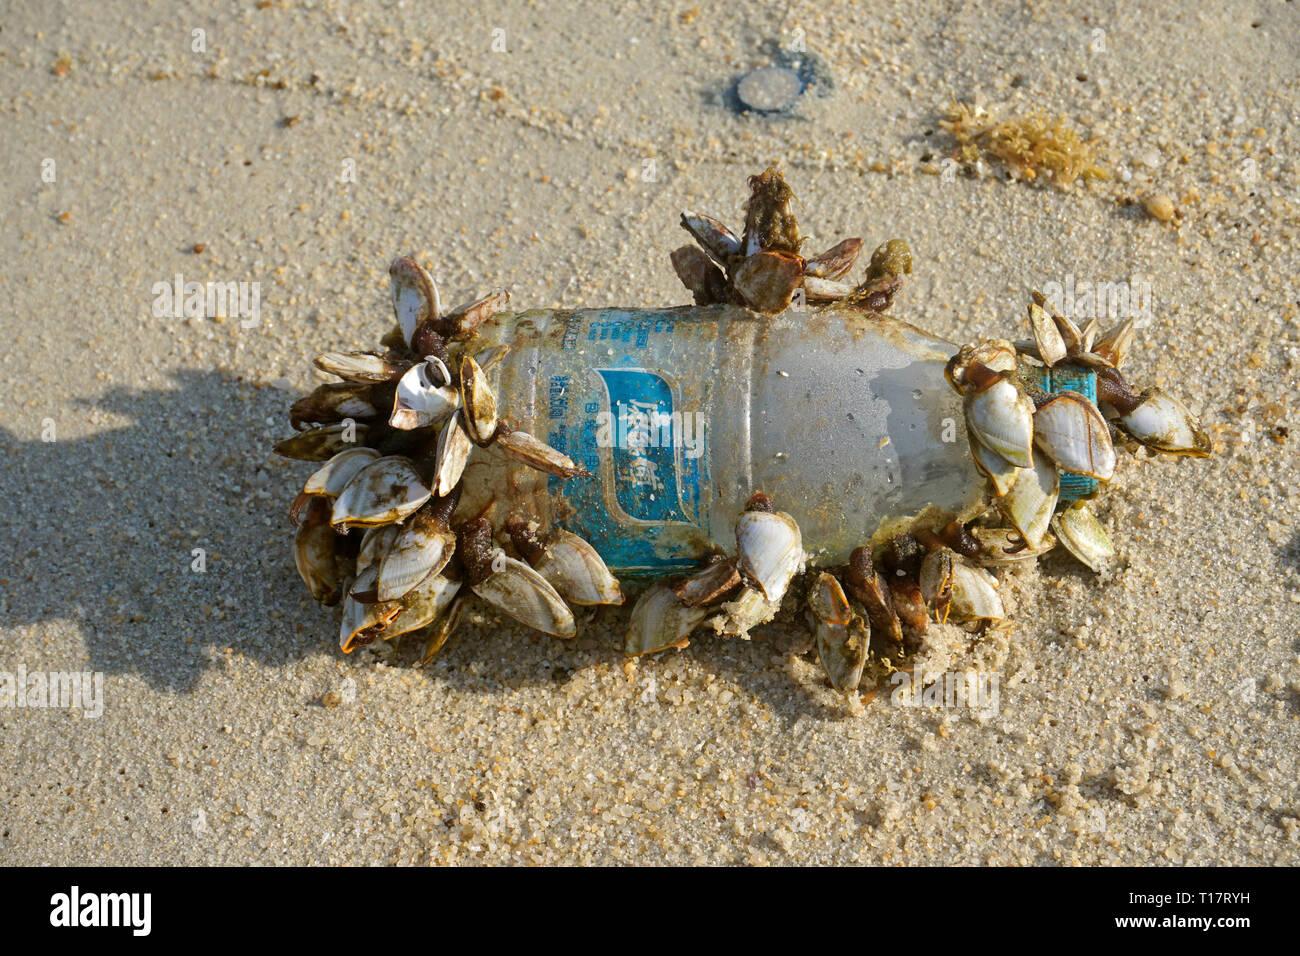 Goose barnacles (walkeri) sur une bouteille en plastique, échoués à Lamai Beach, Koh Samui, Golfe de Thailande, Thaïlande Banque D'Images